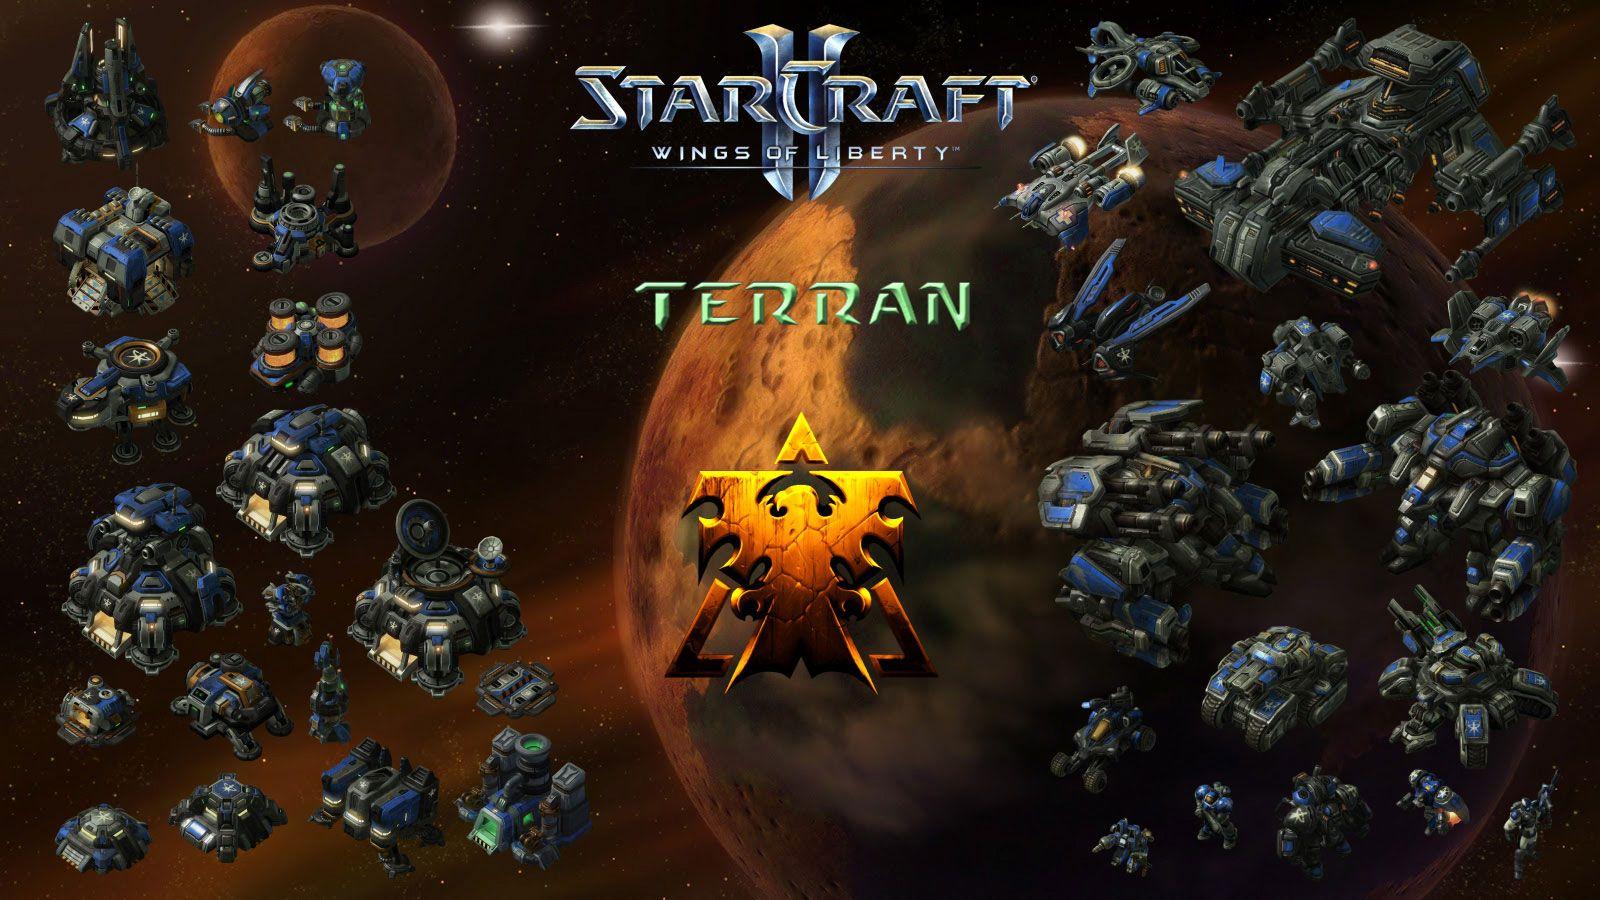 games-wallpapers-terran-race-starcraft-wallpaper-sc2-terran-wallpaper-.jpg (1600×900)